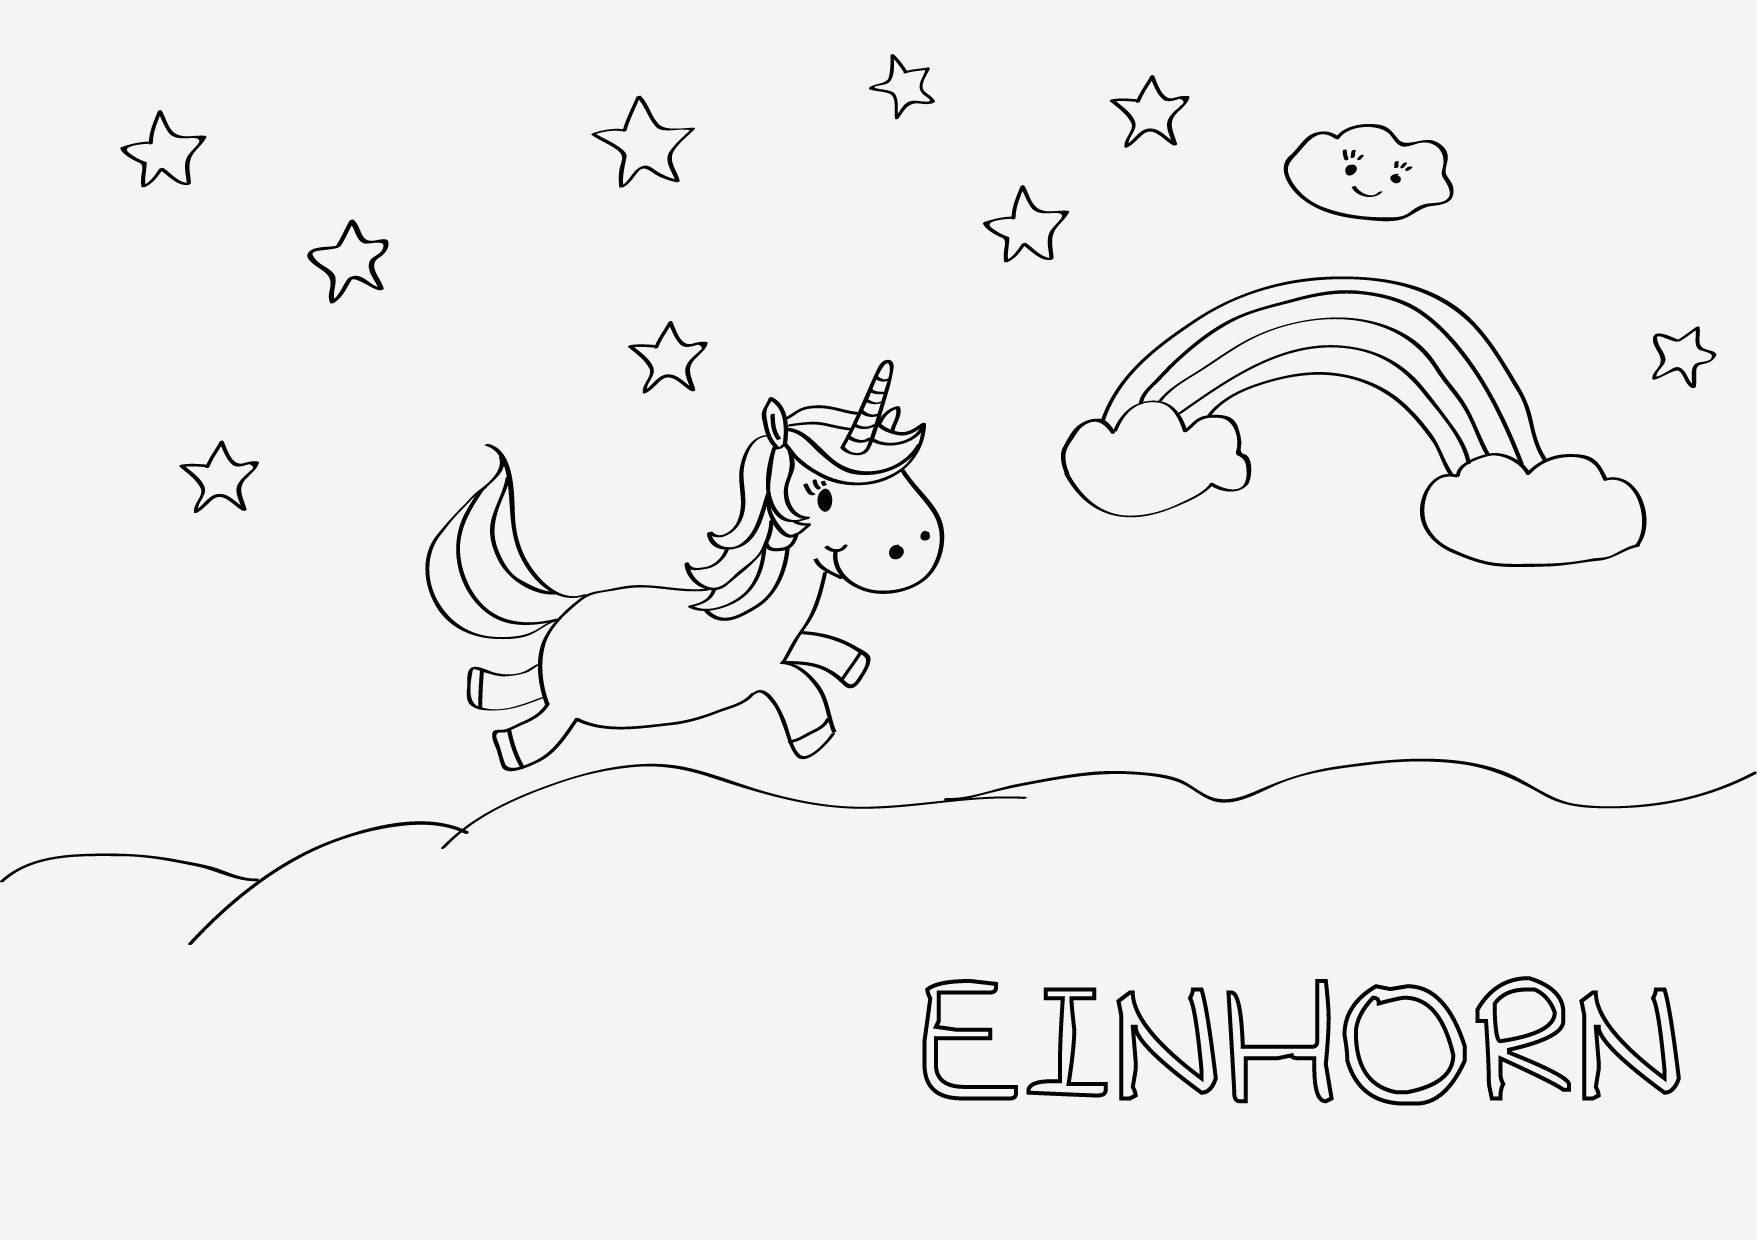 Kinder Malvorlagen Com Inspirierend Einhorn Malvorlage Kinder Lernspiele Färbung Bilder Ausmalbilder Für Bilder